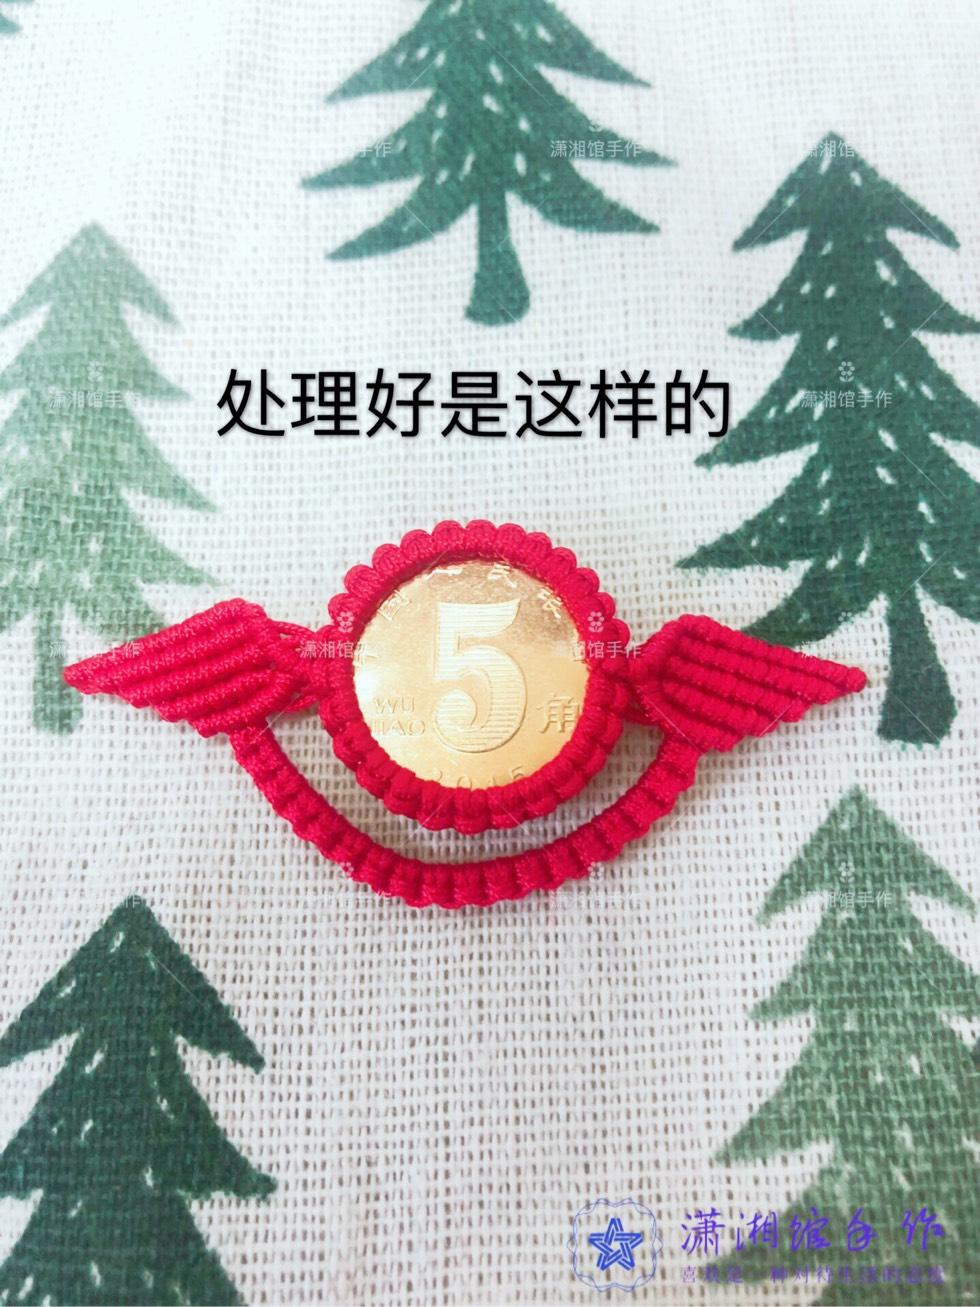 中国结论坛 硬币天使翅膀手链  图文教程区 162449ugoabowbb5zqzma5